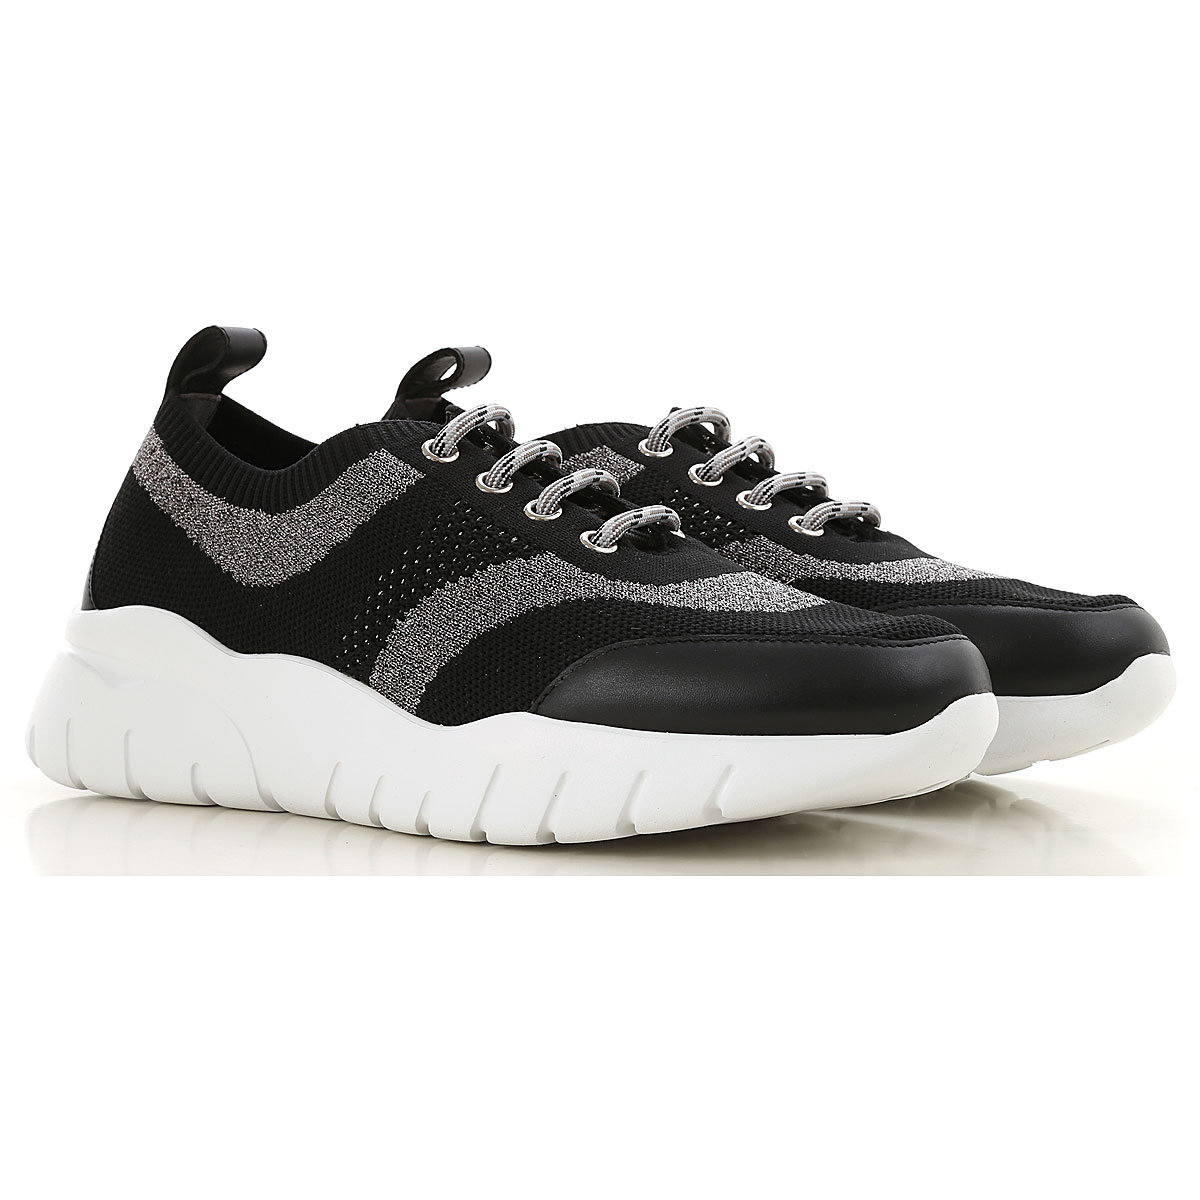 5afa612120e Bally Αθλητικά Παπούτσια για Γυναίκες Σε Έκπτωση, Μαύρο, Ύφασμα ...